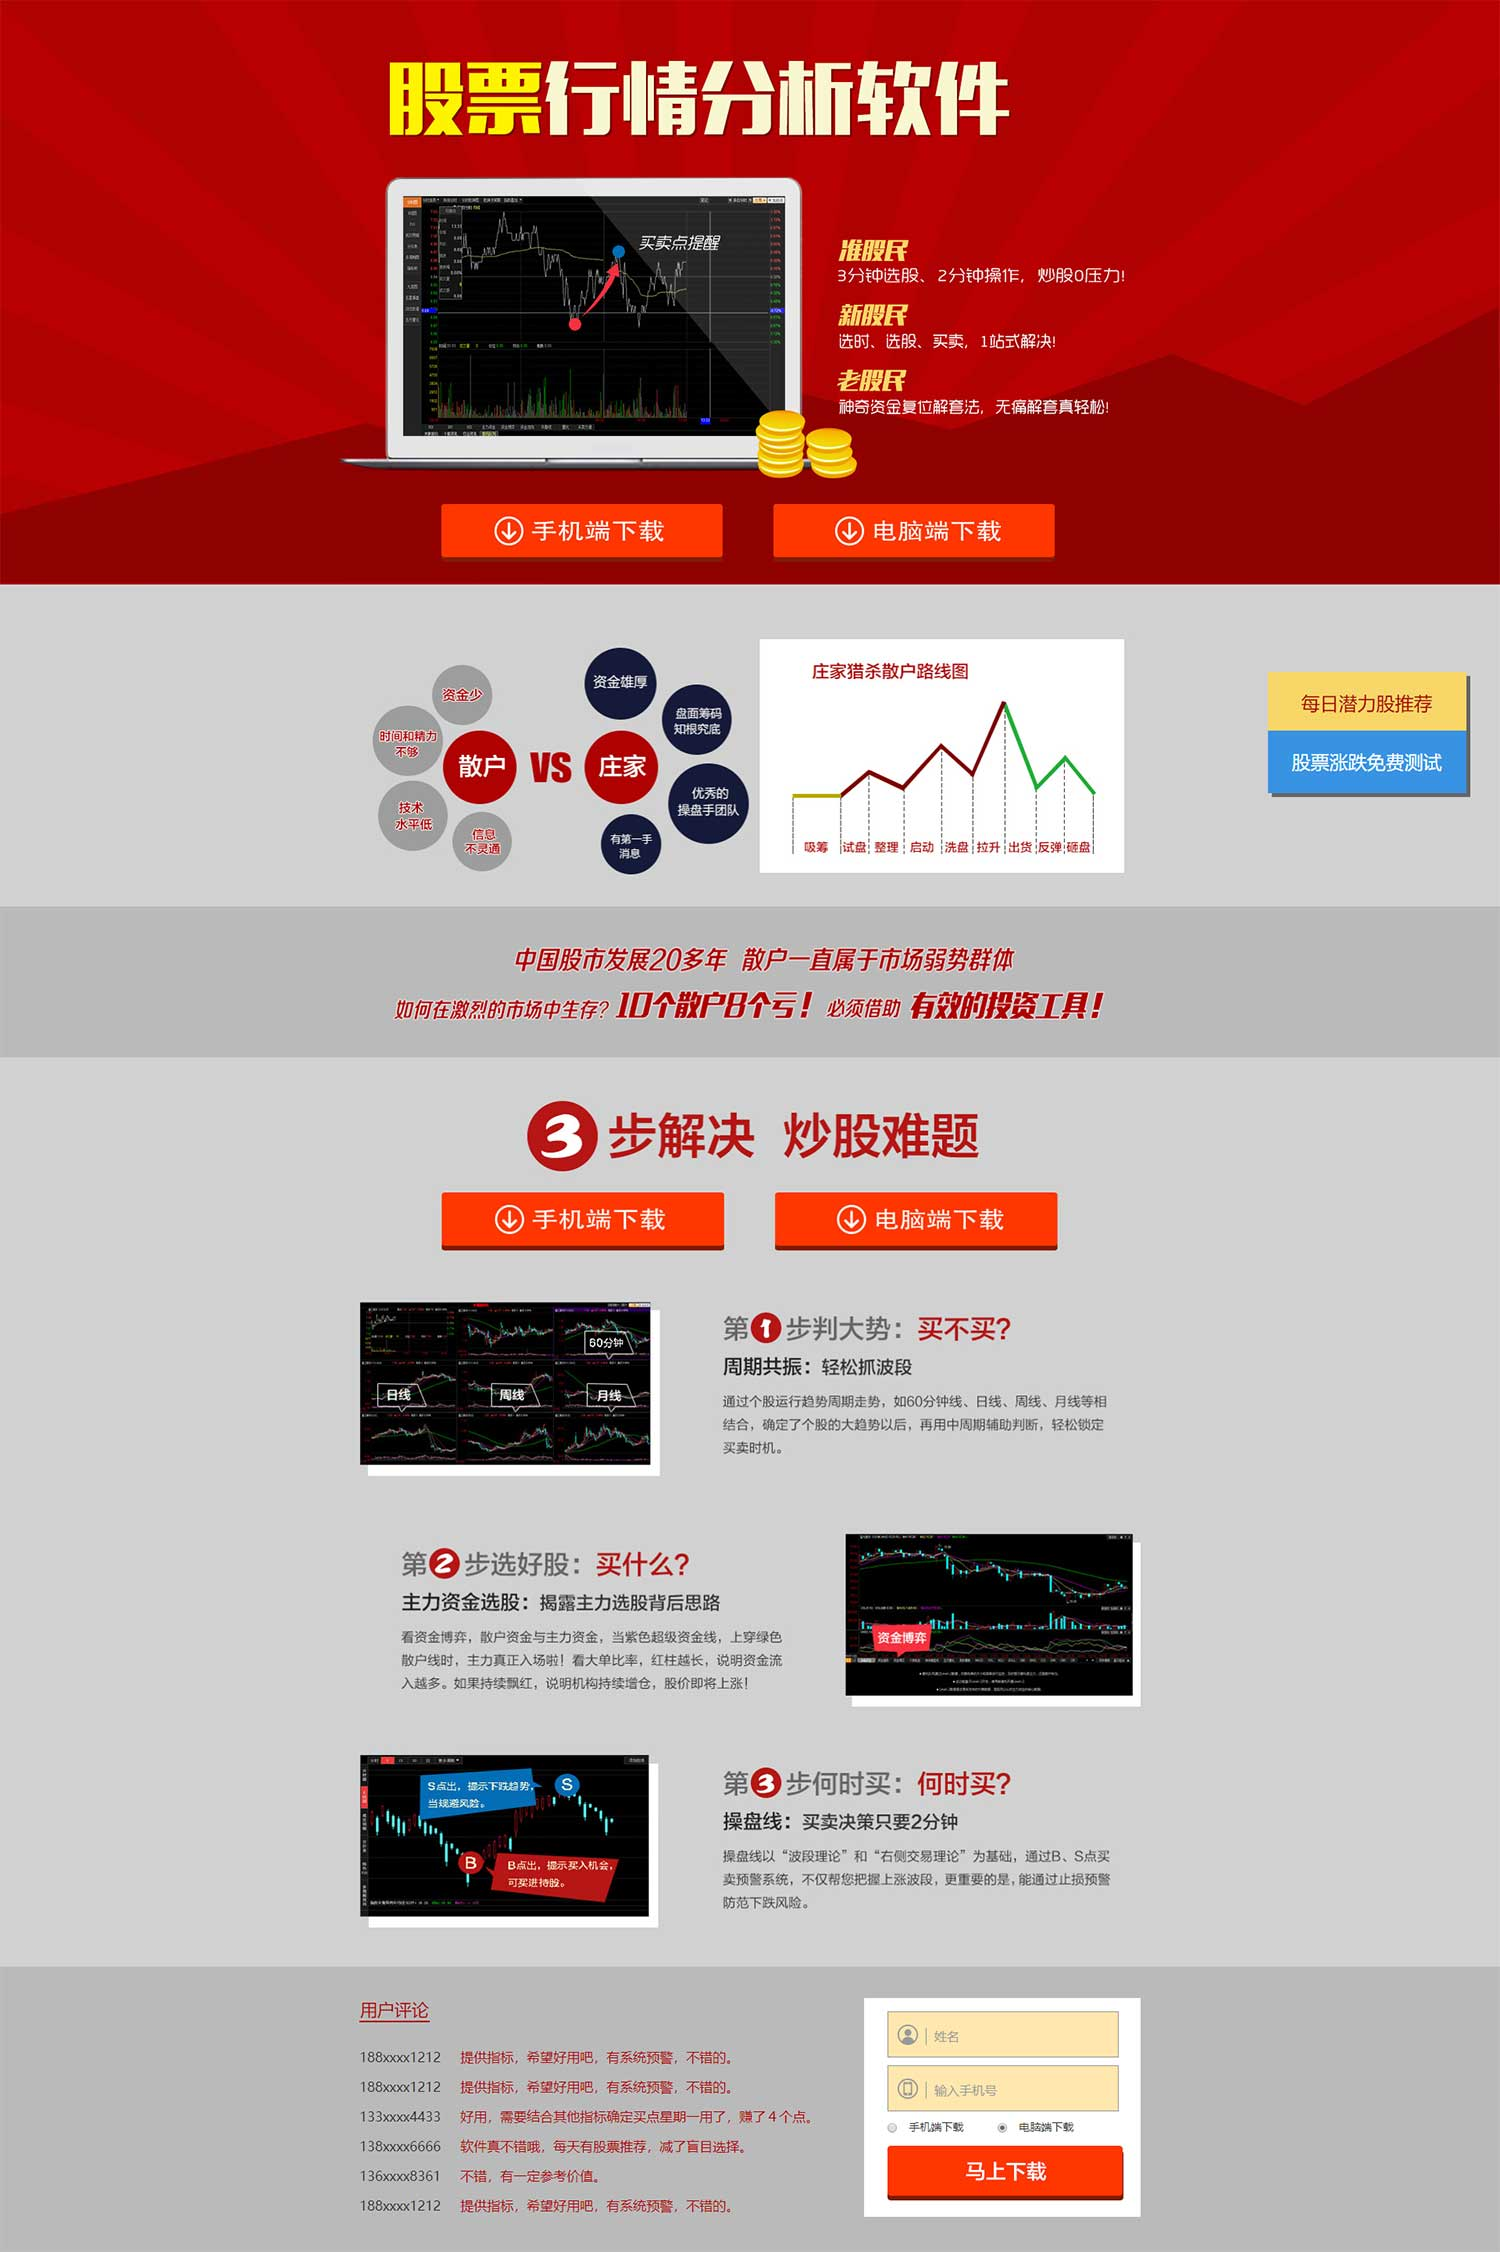 金证股票行情软件app专题页金融科技区块链虚拟货币网页模板